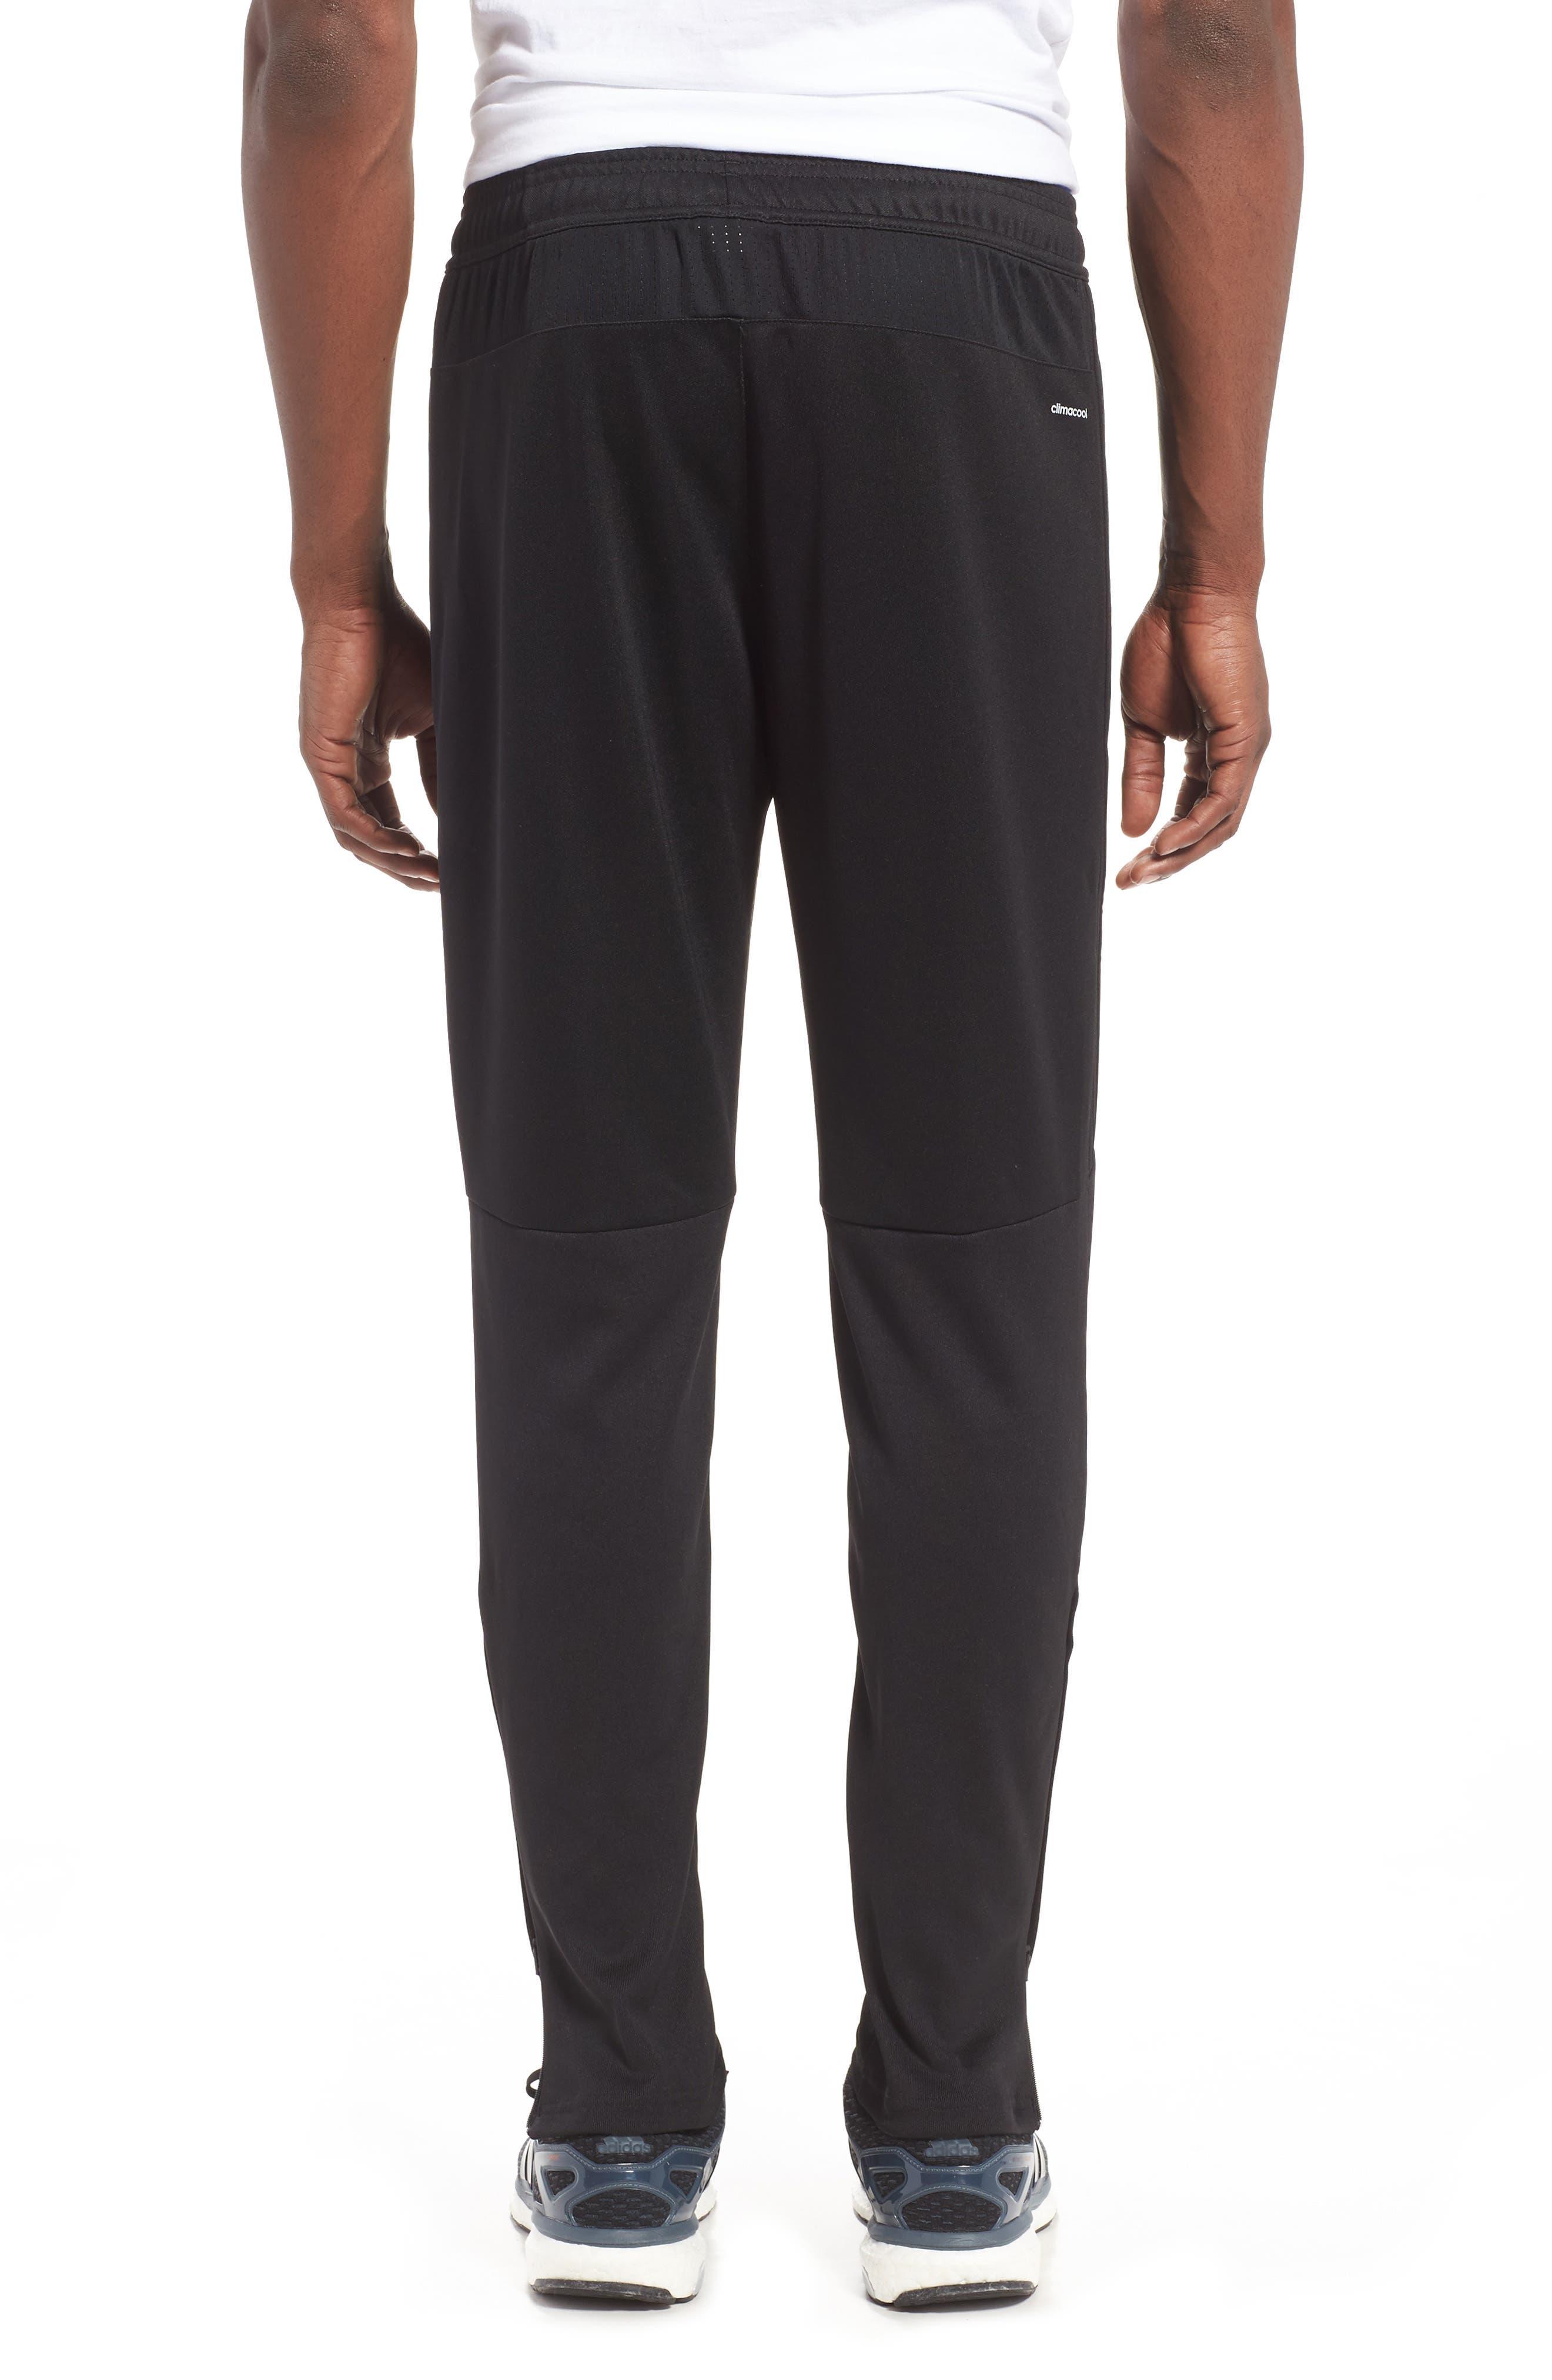 Tiro 17 Training Pants,                             Alternate thumbnail 2, color,                             Black/ White